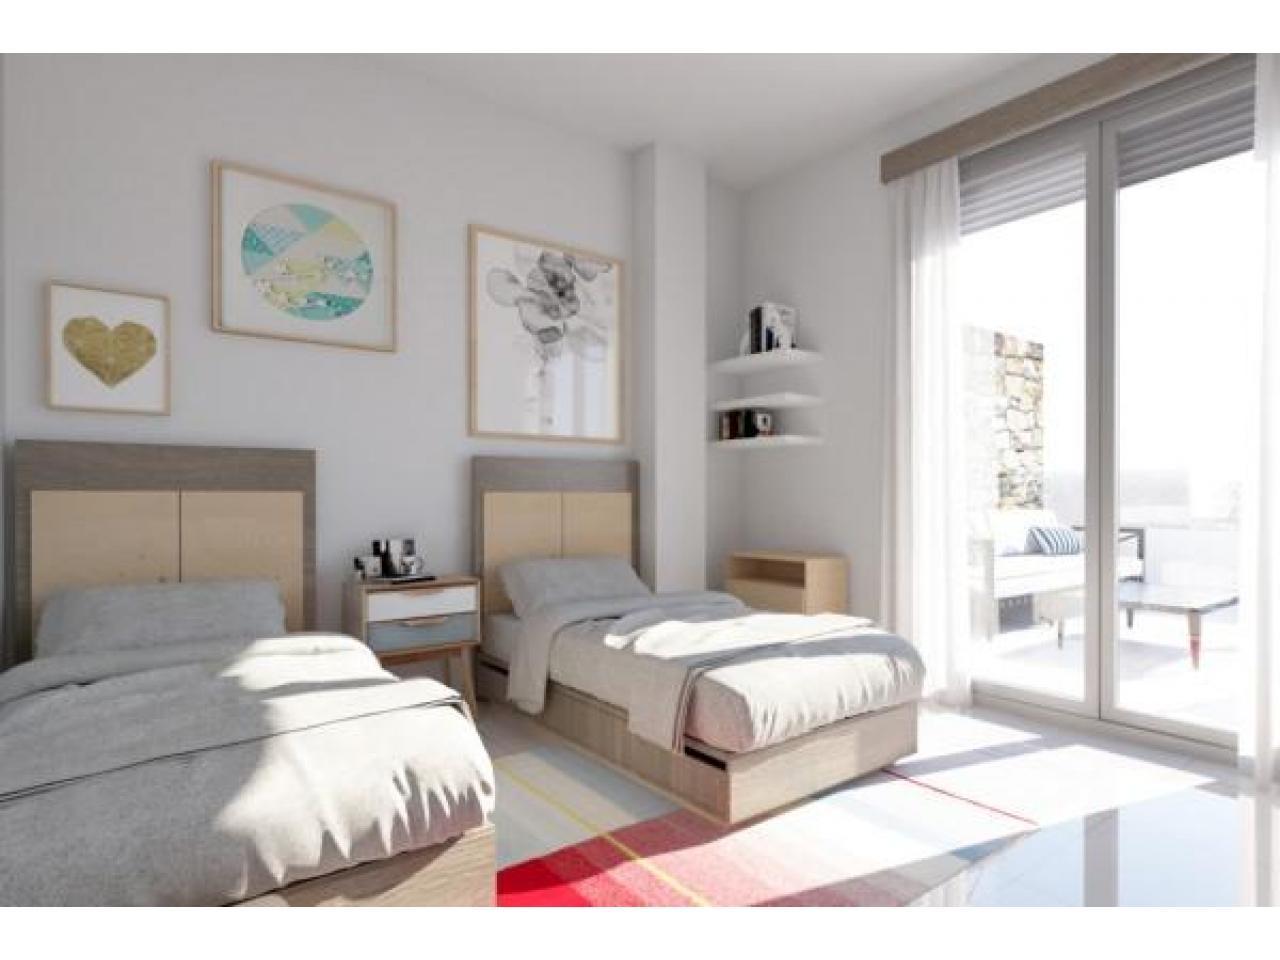 Недвижимость в Испании, Новая вилла рядом с пляжем от застройщика в Лос Алькасарес - 6